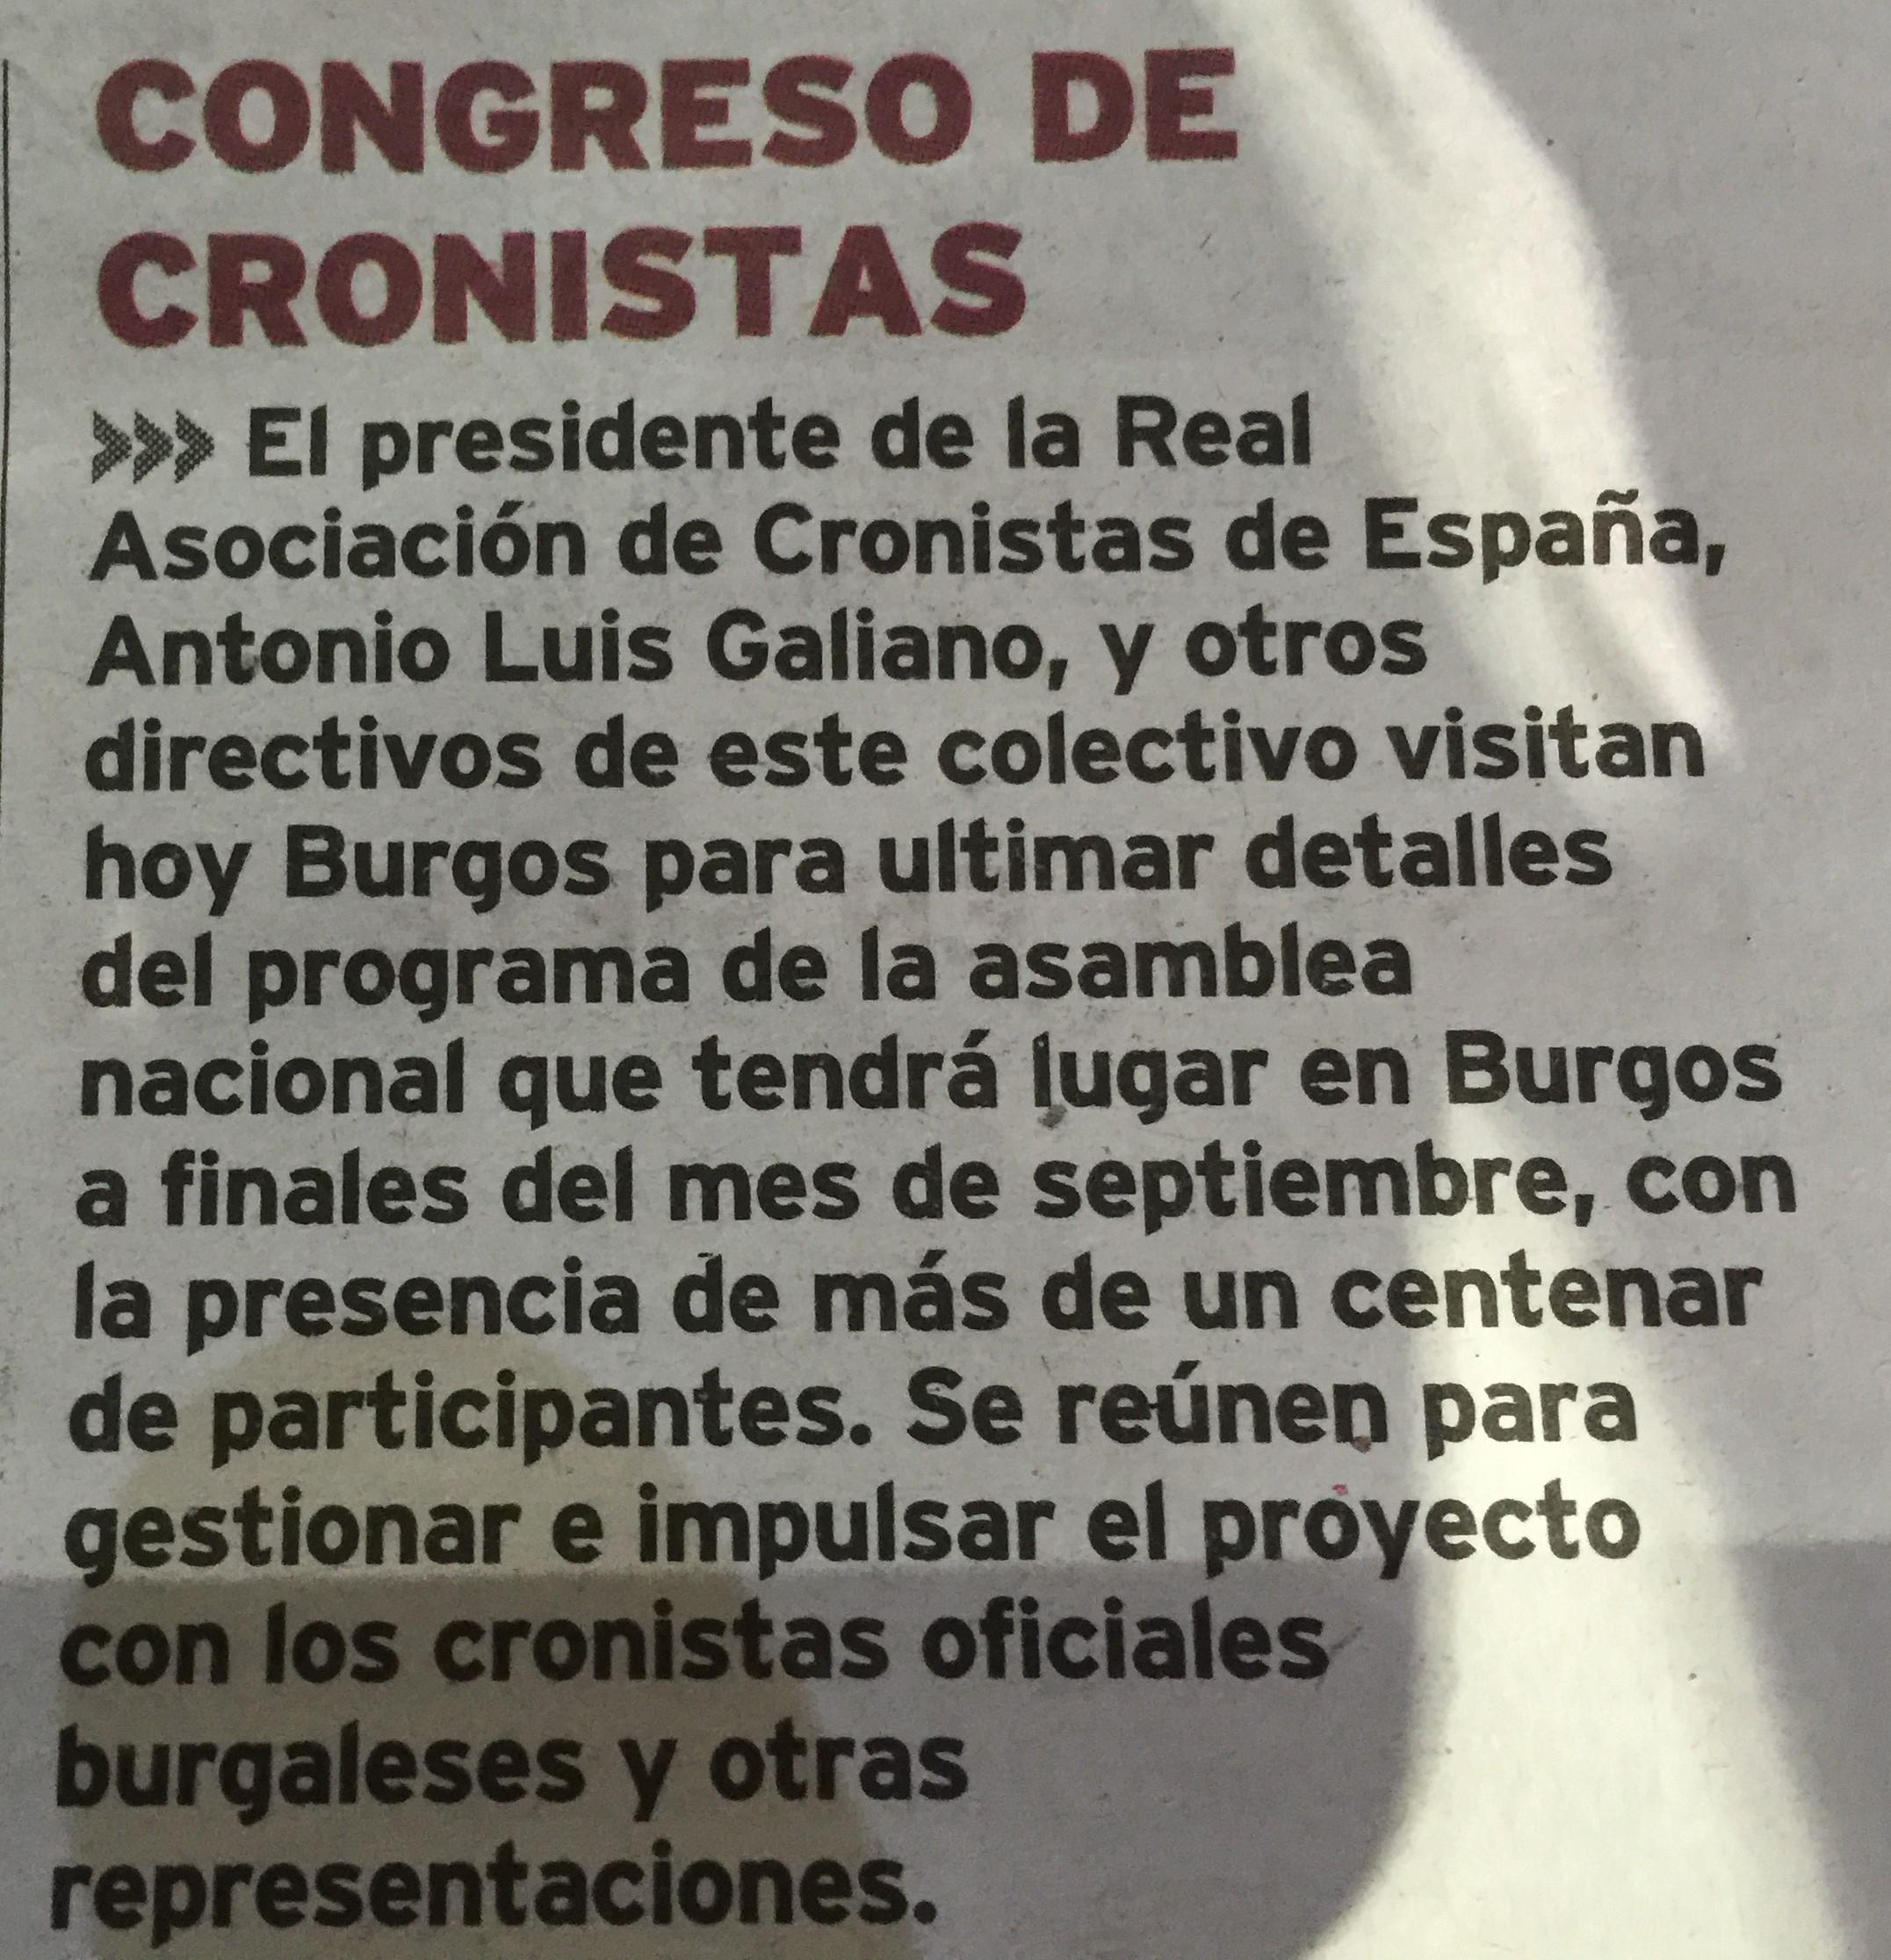 Nota de prensa publicada por el 'Diario de Burgos' el 10 de febrero.